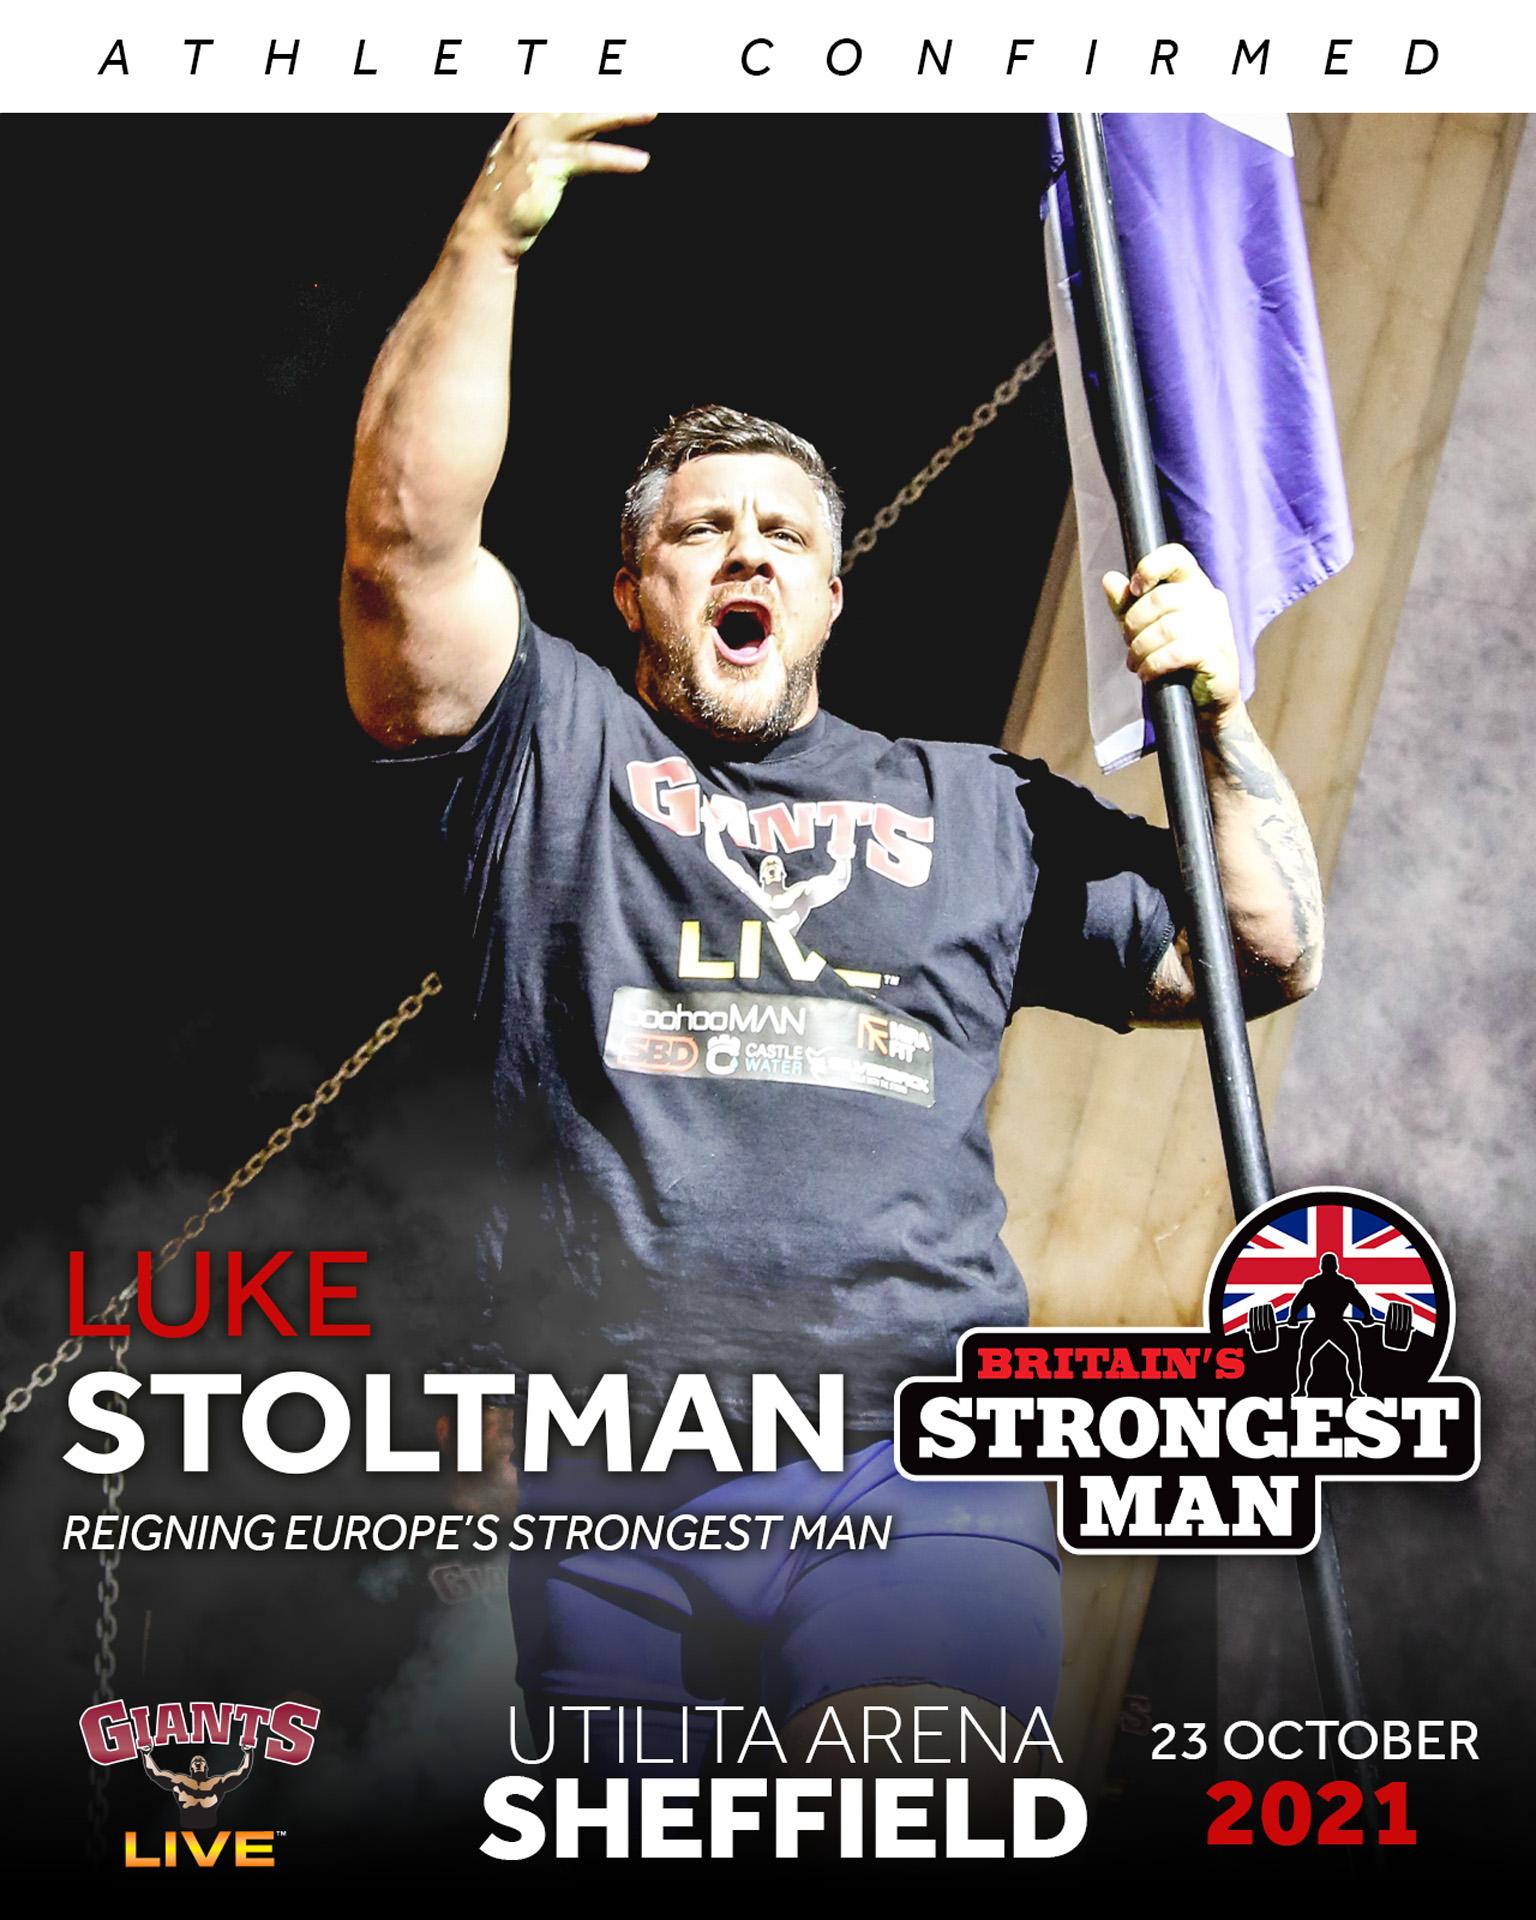 Luke Stoltman